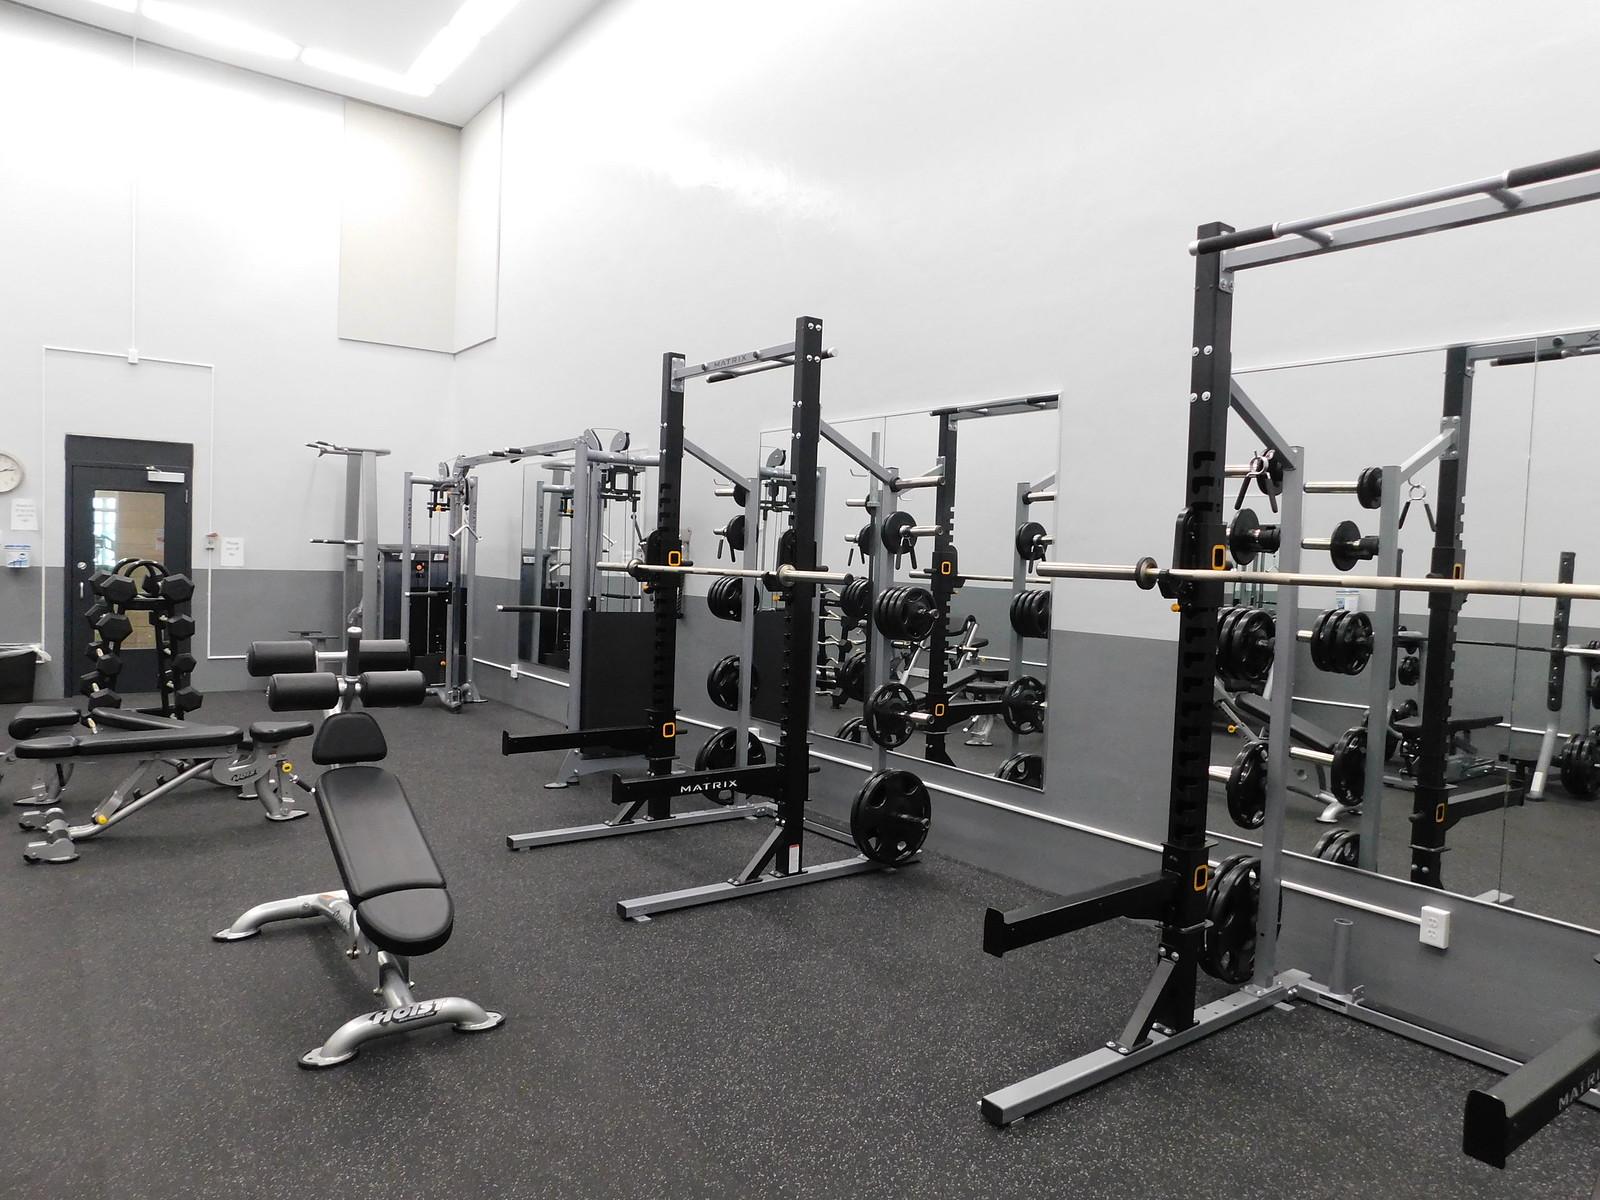 Weight room becker community center